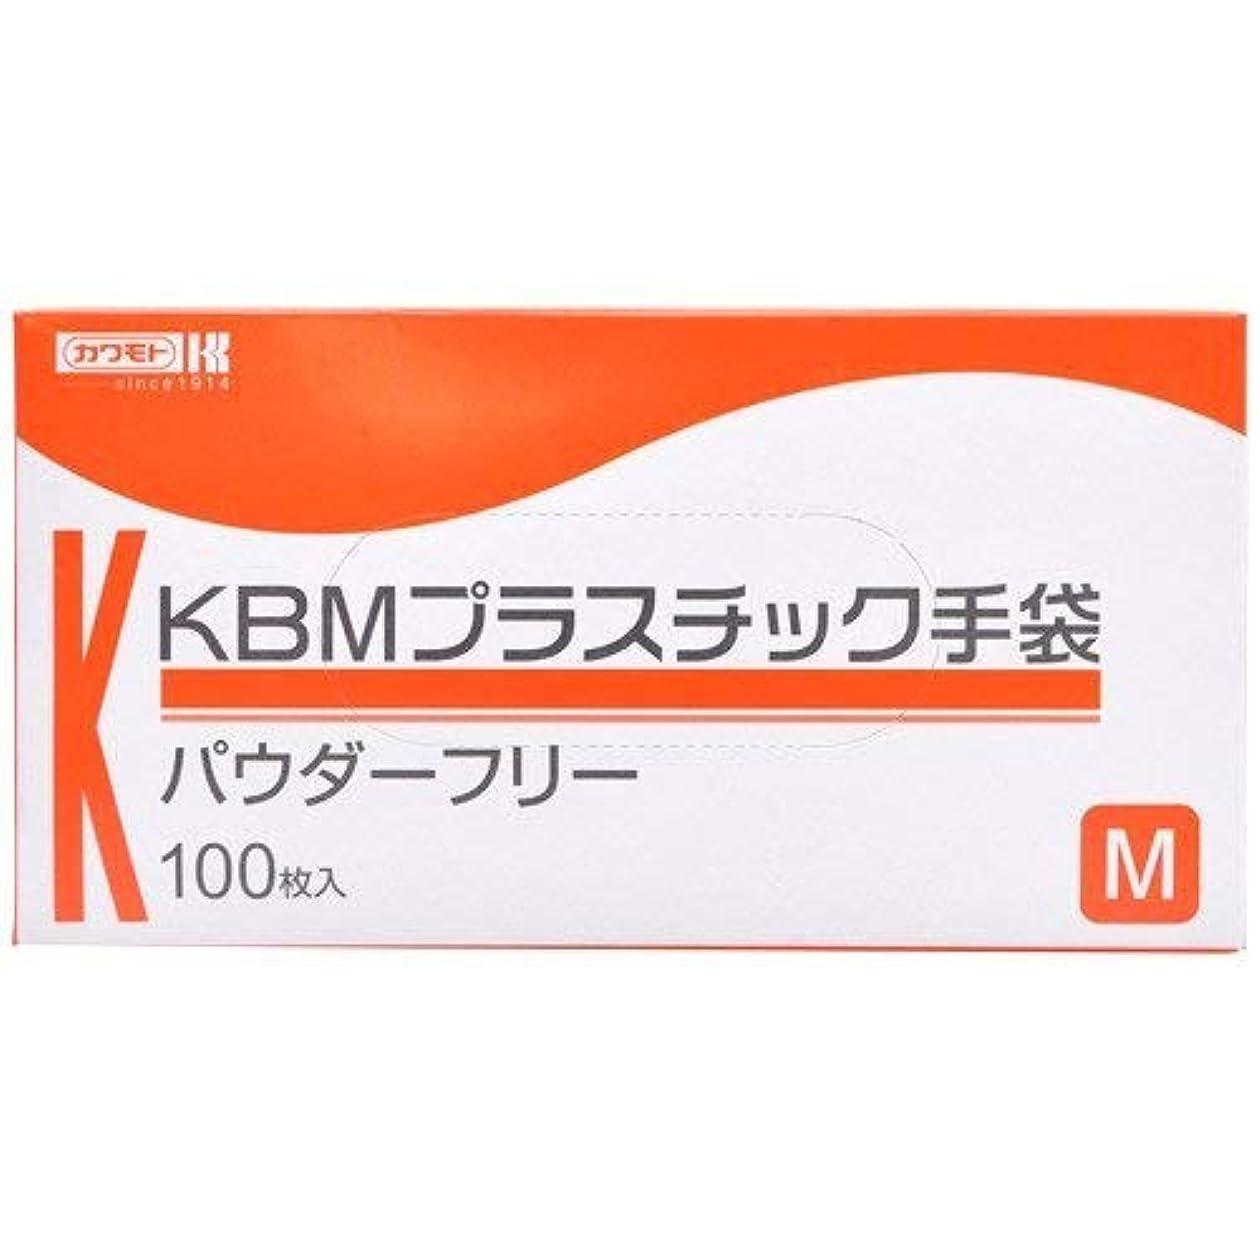 栄養深遠外出川本産業 KBMプラスチック手袋 パウダーフリー M 100枚入 ×2個